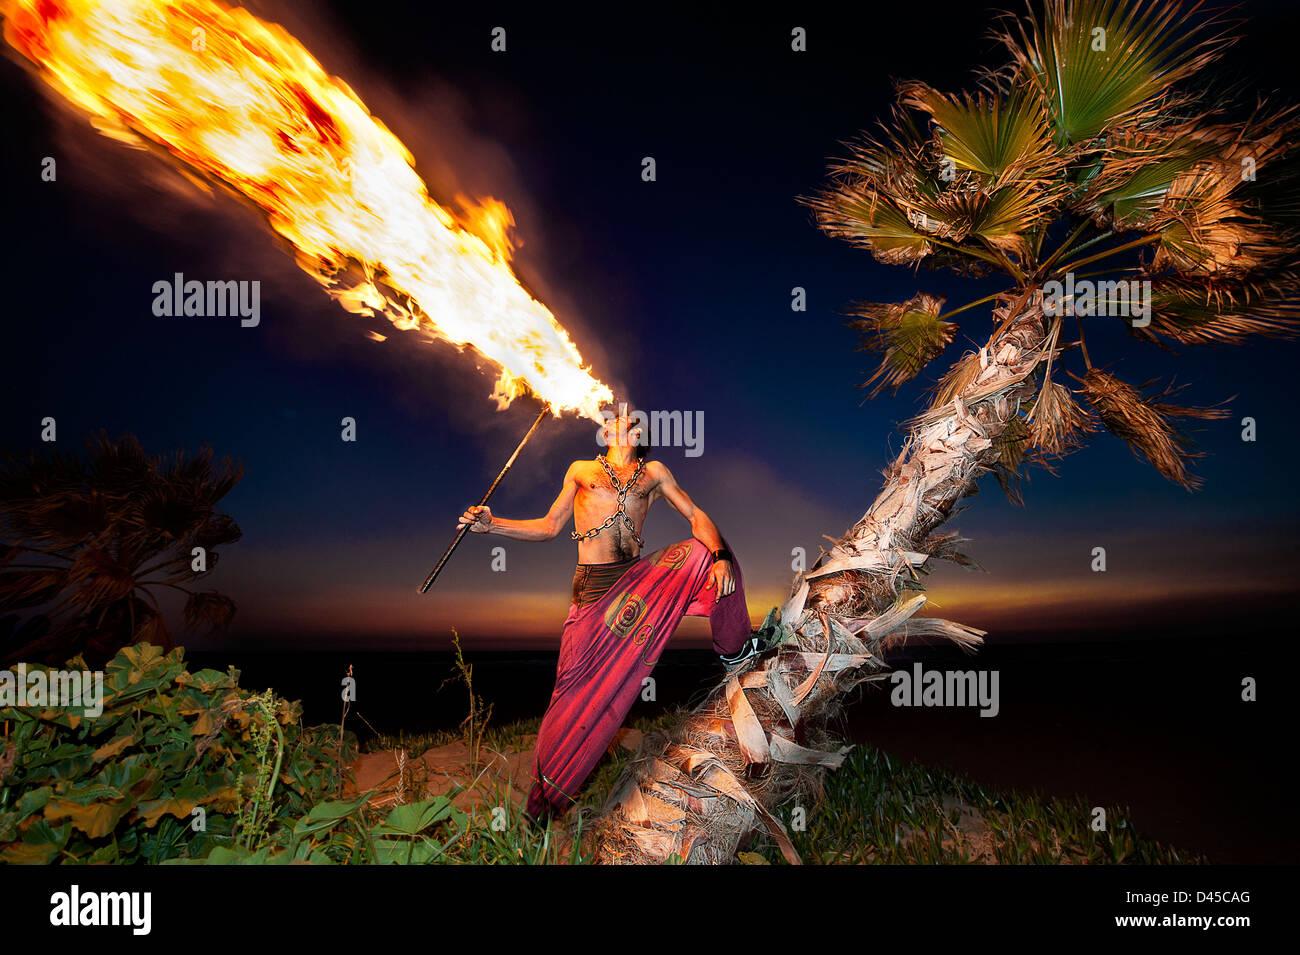 Fire Performer di sfiato Immagini Stock